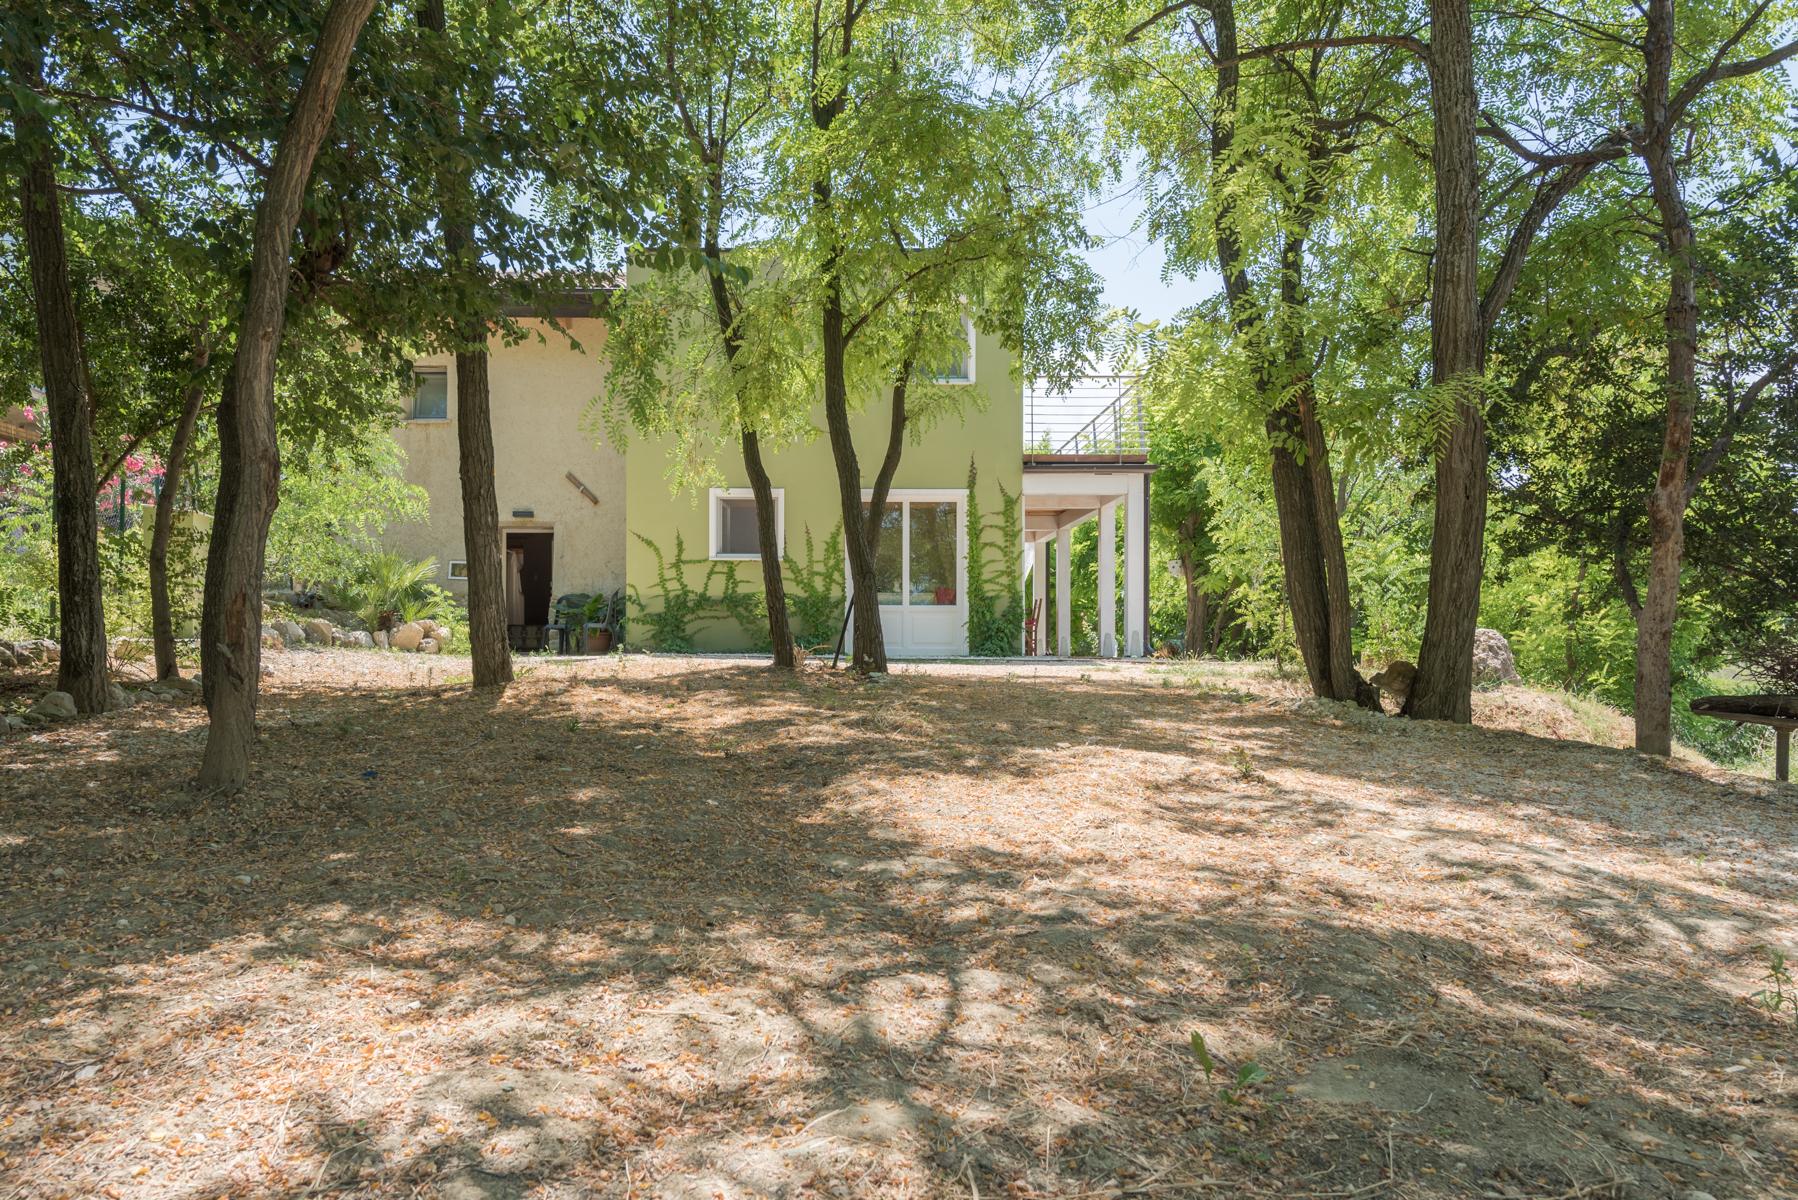 Villa Villa for sale Casalincontrada (CH), Casa Sentinella - Casalincontrada - EUR 321.299 350